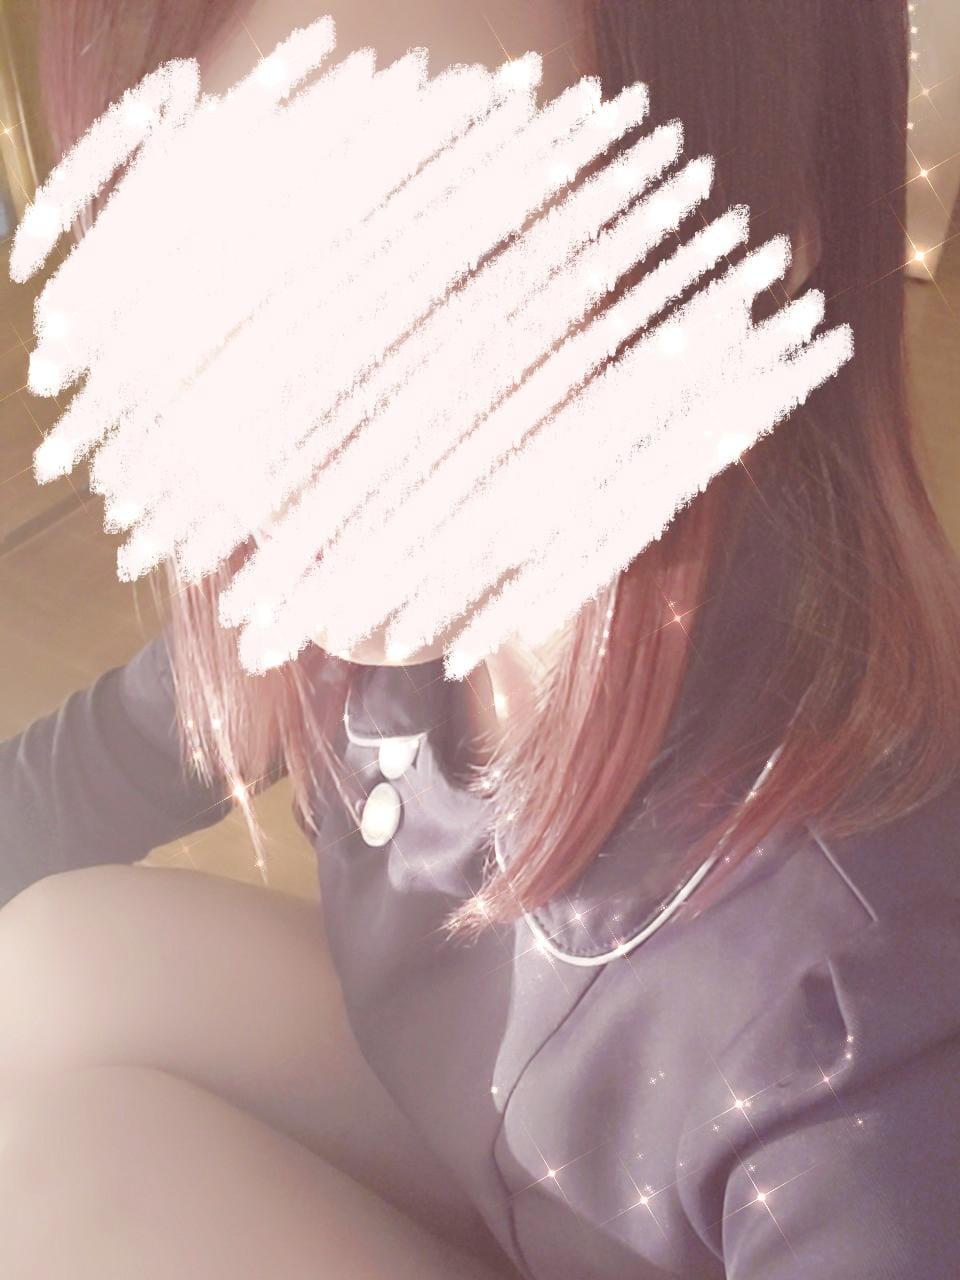 「こんにちは」01/29(金) 11:57 | 鈴木ひかるの写メ日記